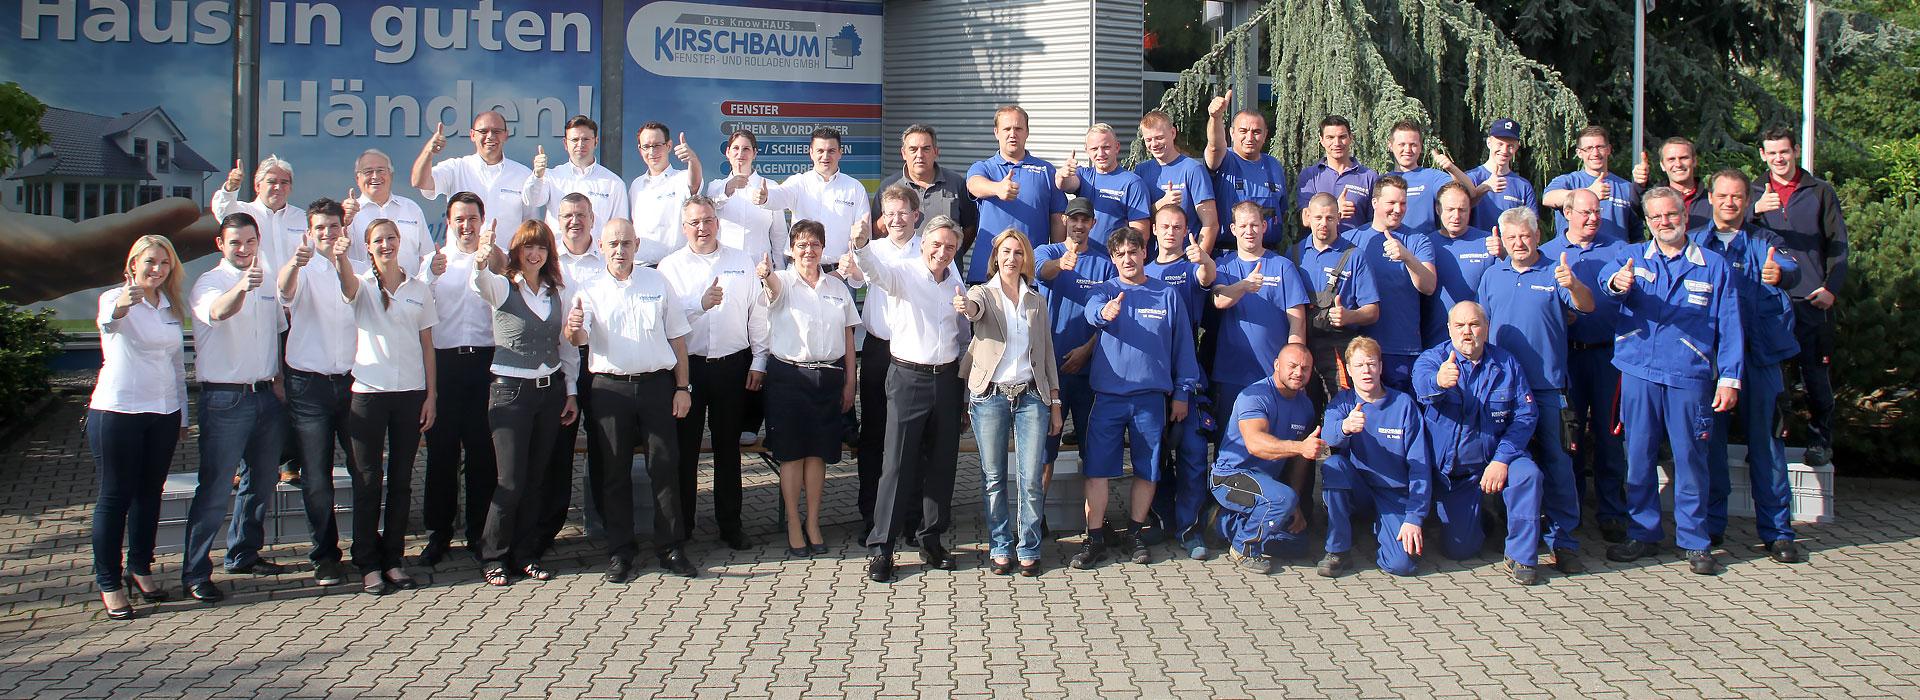 Team Kirschbaum GmbH